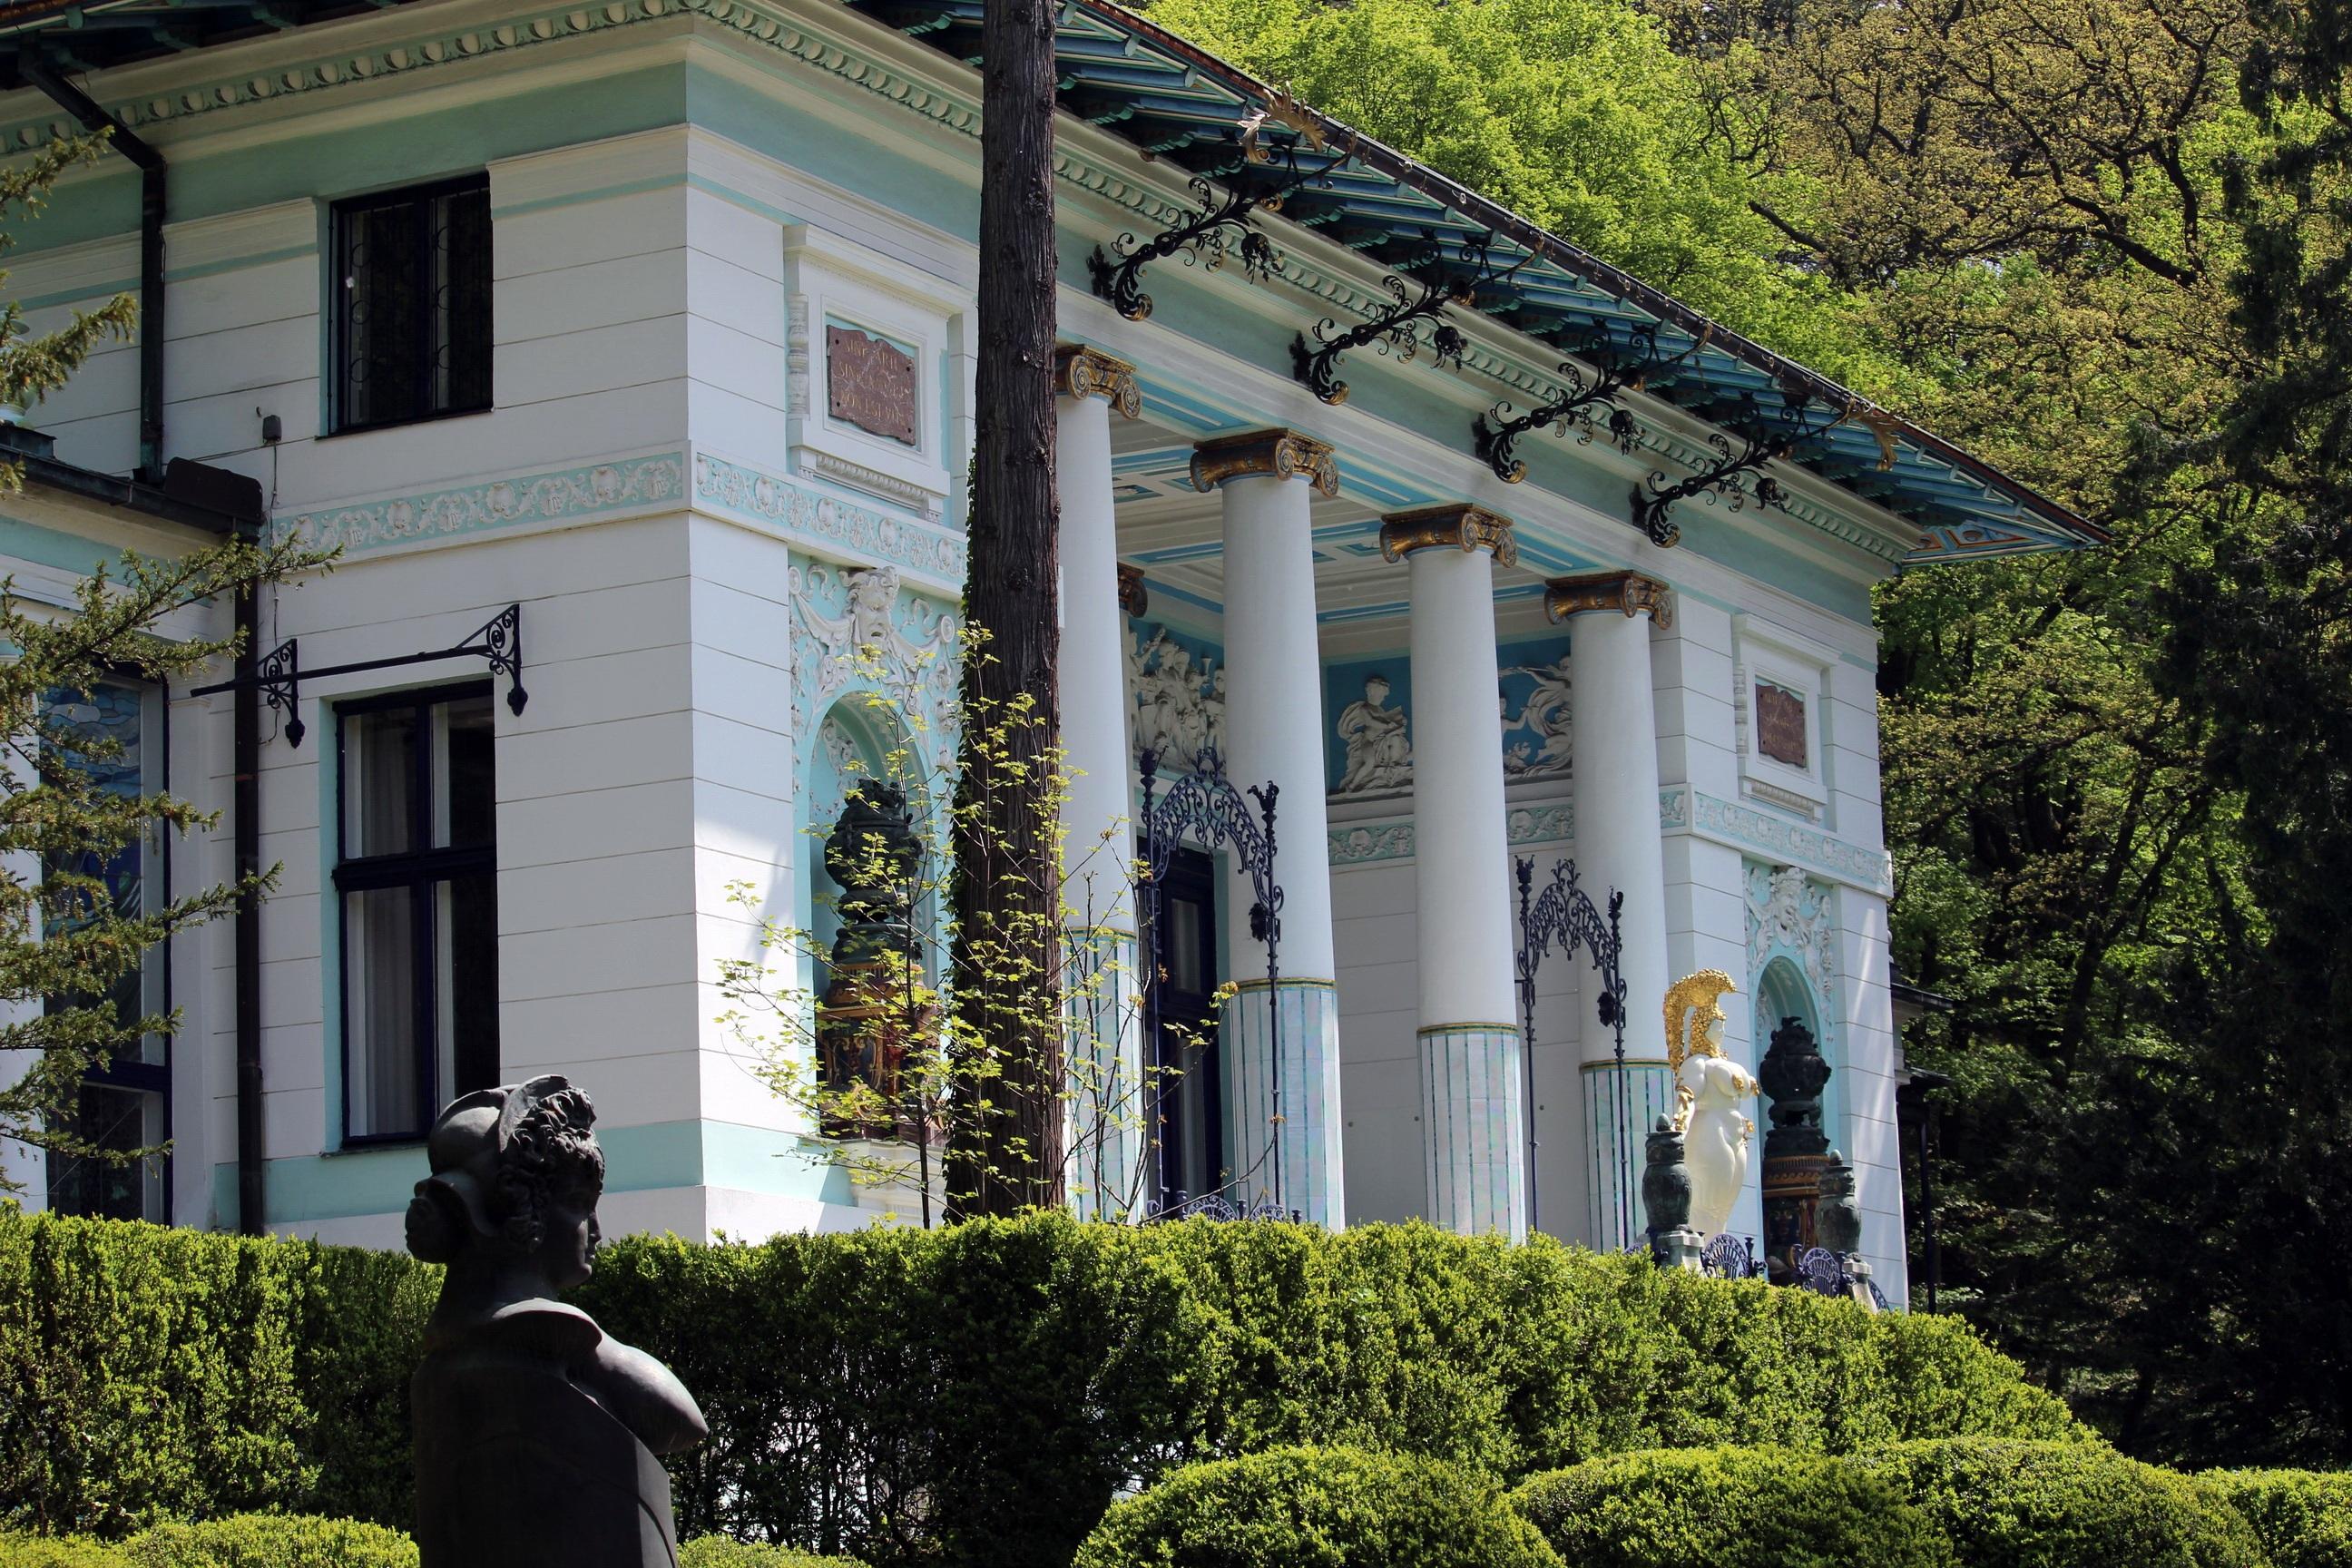 wohnzimmermobel jugendstil : Kostenlose Foto Die Architektur Villa Haus Geb Ude Zuhause